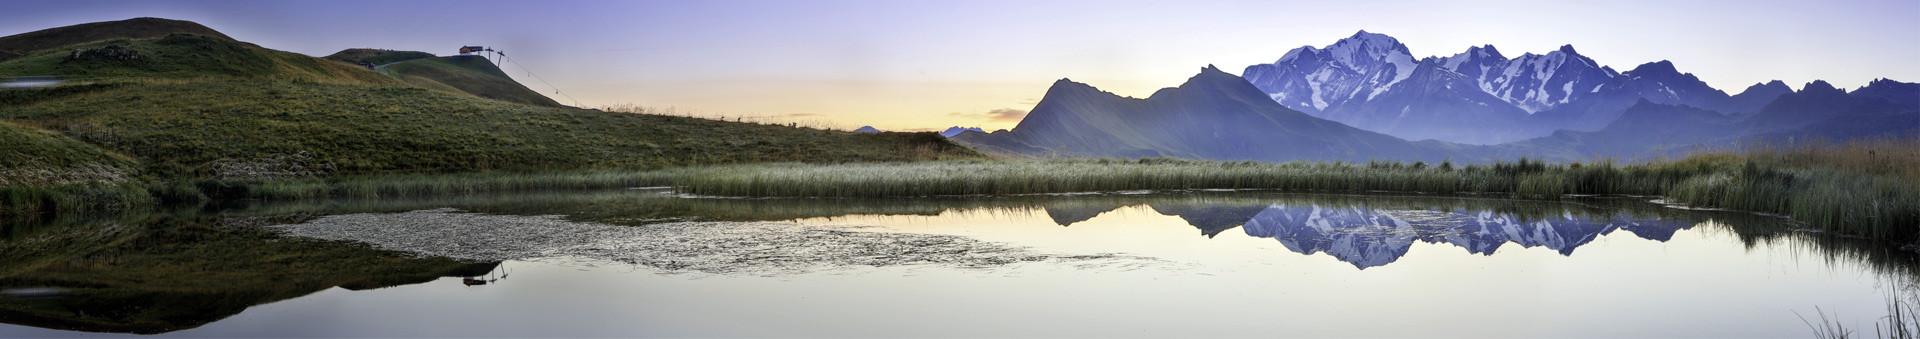 pechette-lac-mont-blanc-2560-2657